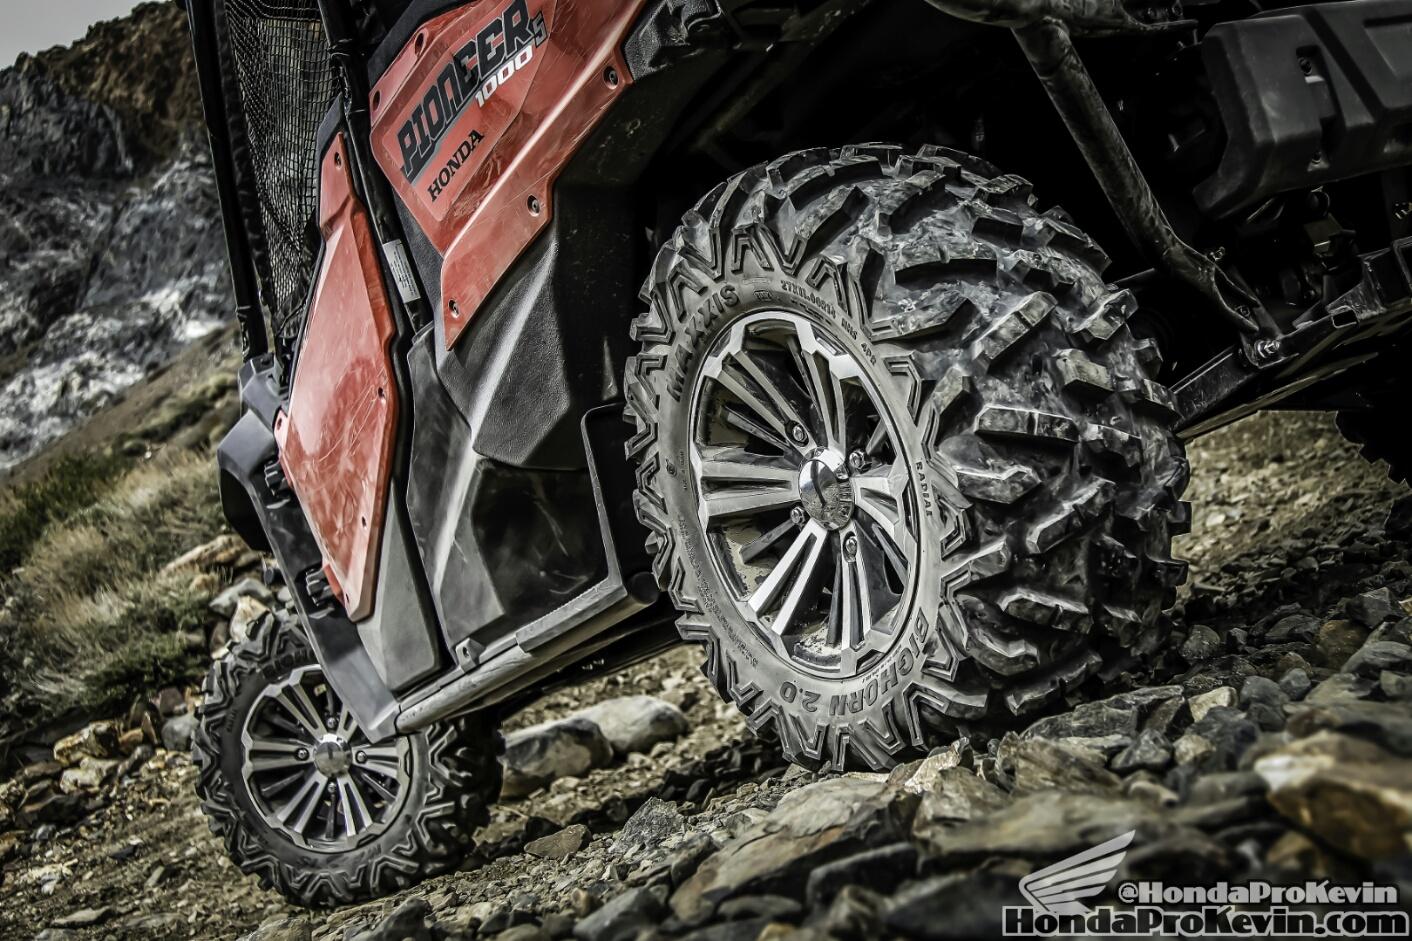 2018 Honda Pioneer 1000 / 1000-5 Deluxe SxS - UTV - Side by Side ATV